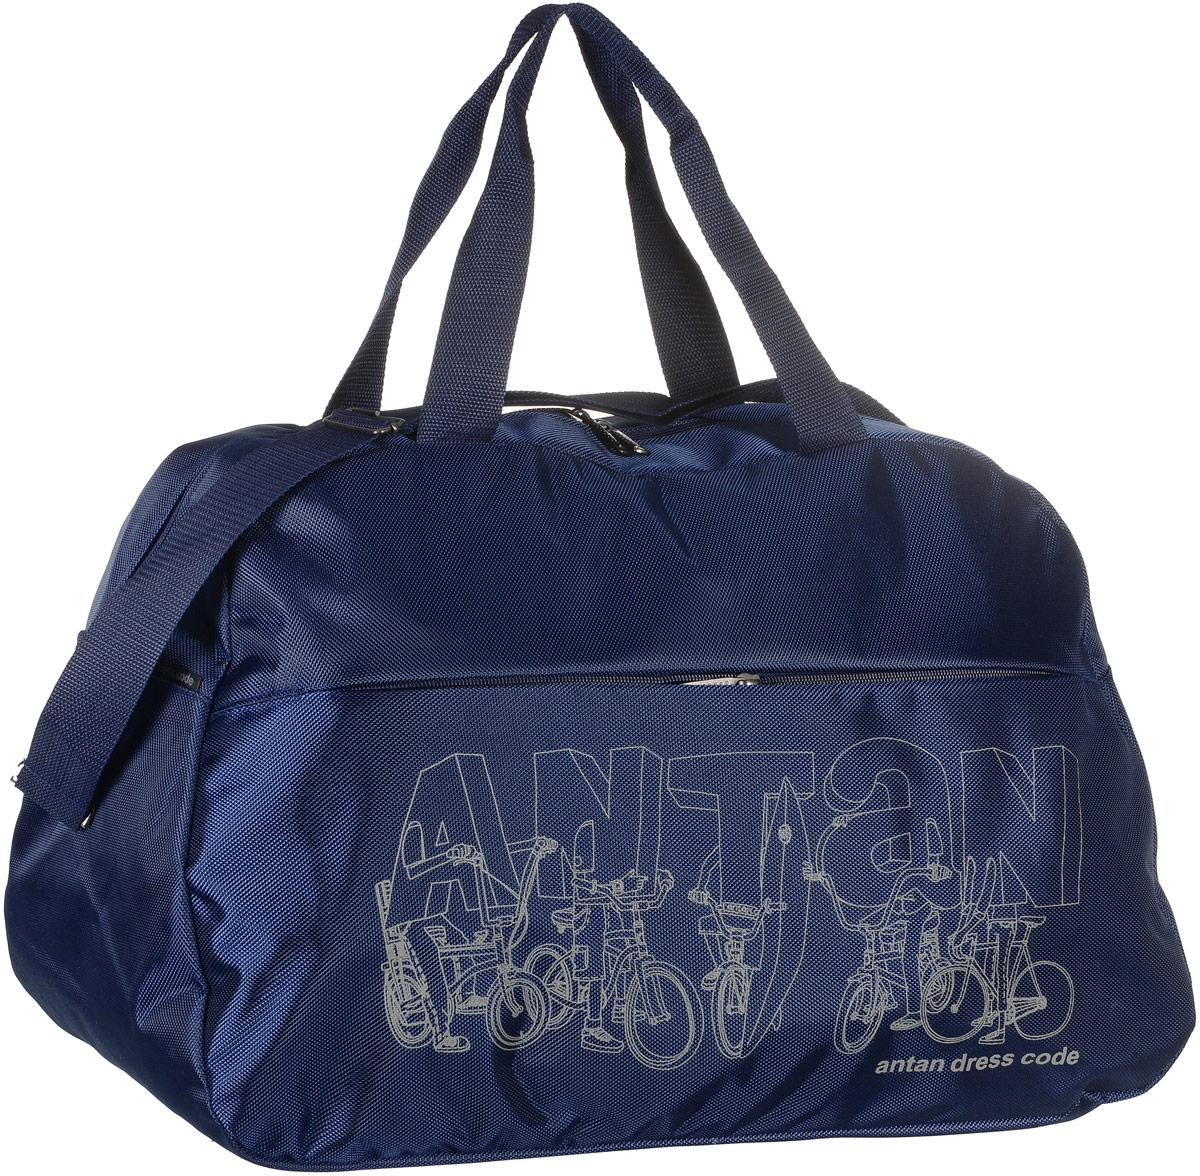 Сумка дорожная Аntan Bike, цвет: темно-синий. 2-1692-169Вместительная дорожная сумка Аntan Bike выполнена из полиэстера и оформлена на лицевой стороне фирменным принтом. Изделие имеет одно отделение, которое закрывается на застежку-молнию. Снаружи, на передней стенке расположен накладной карман на застежке-молнии. Сумка оснащена двумя удобными ручками. В комплект входит съемный регулируемый плечевой ремень. Изделие имеет жесткое основание.